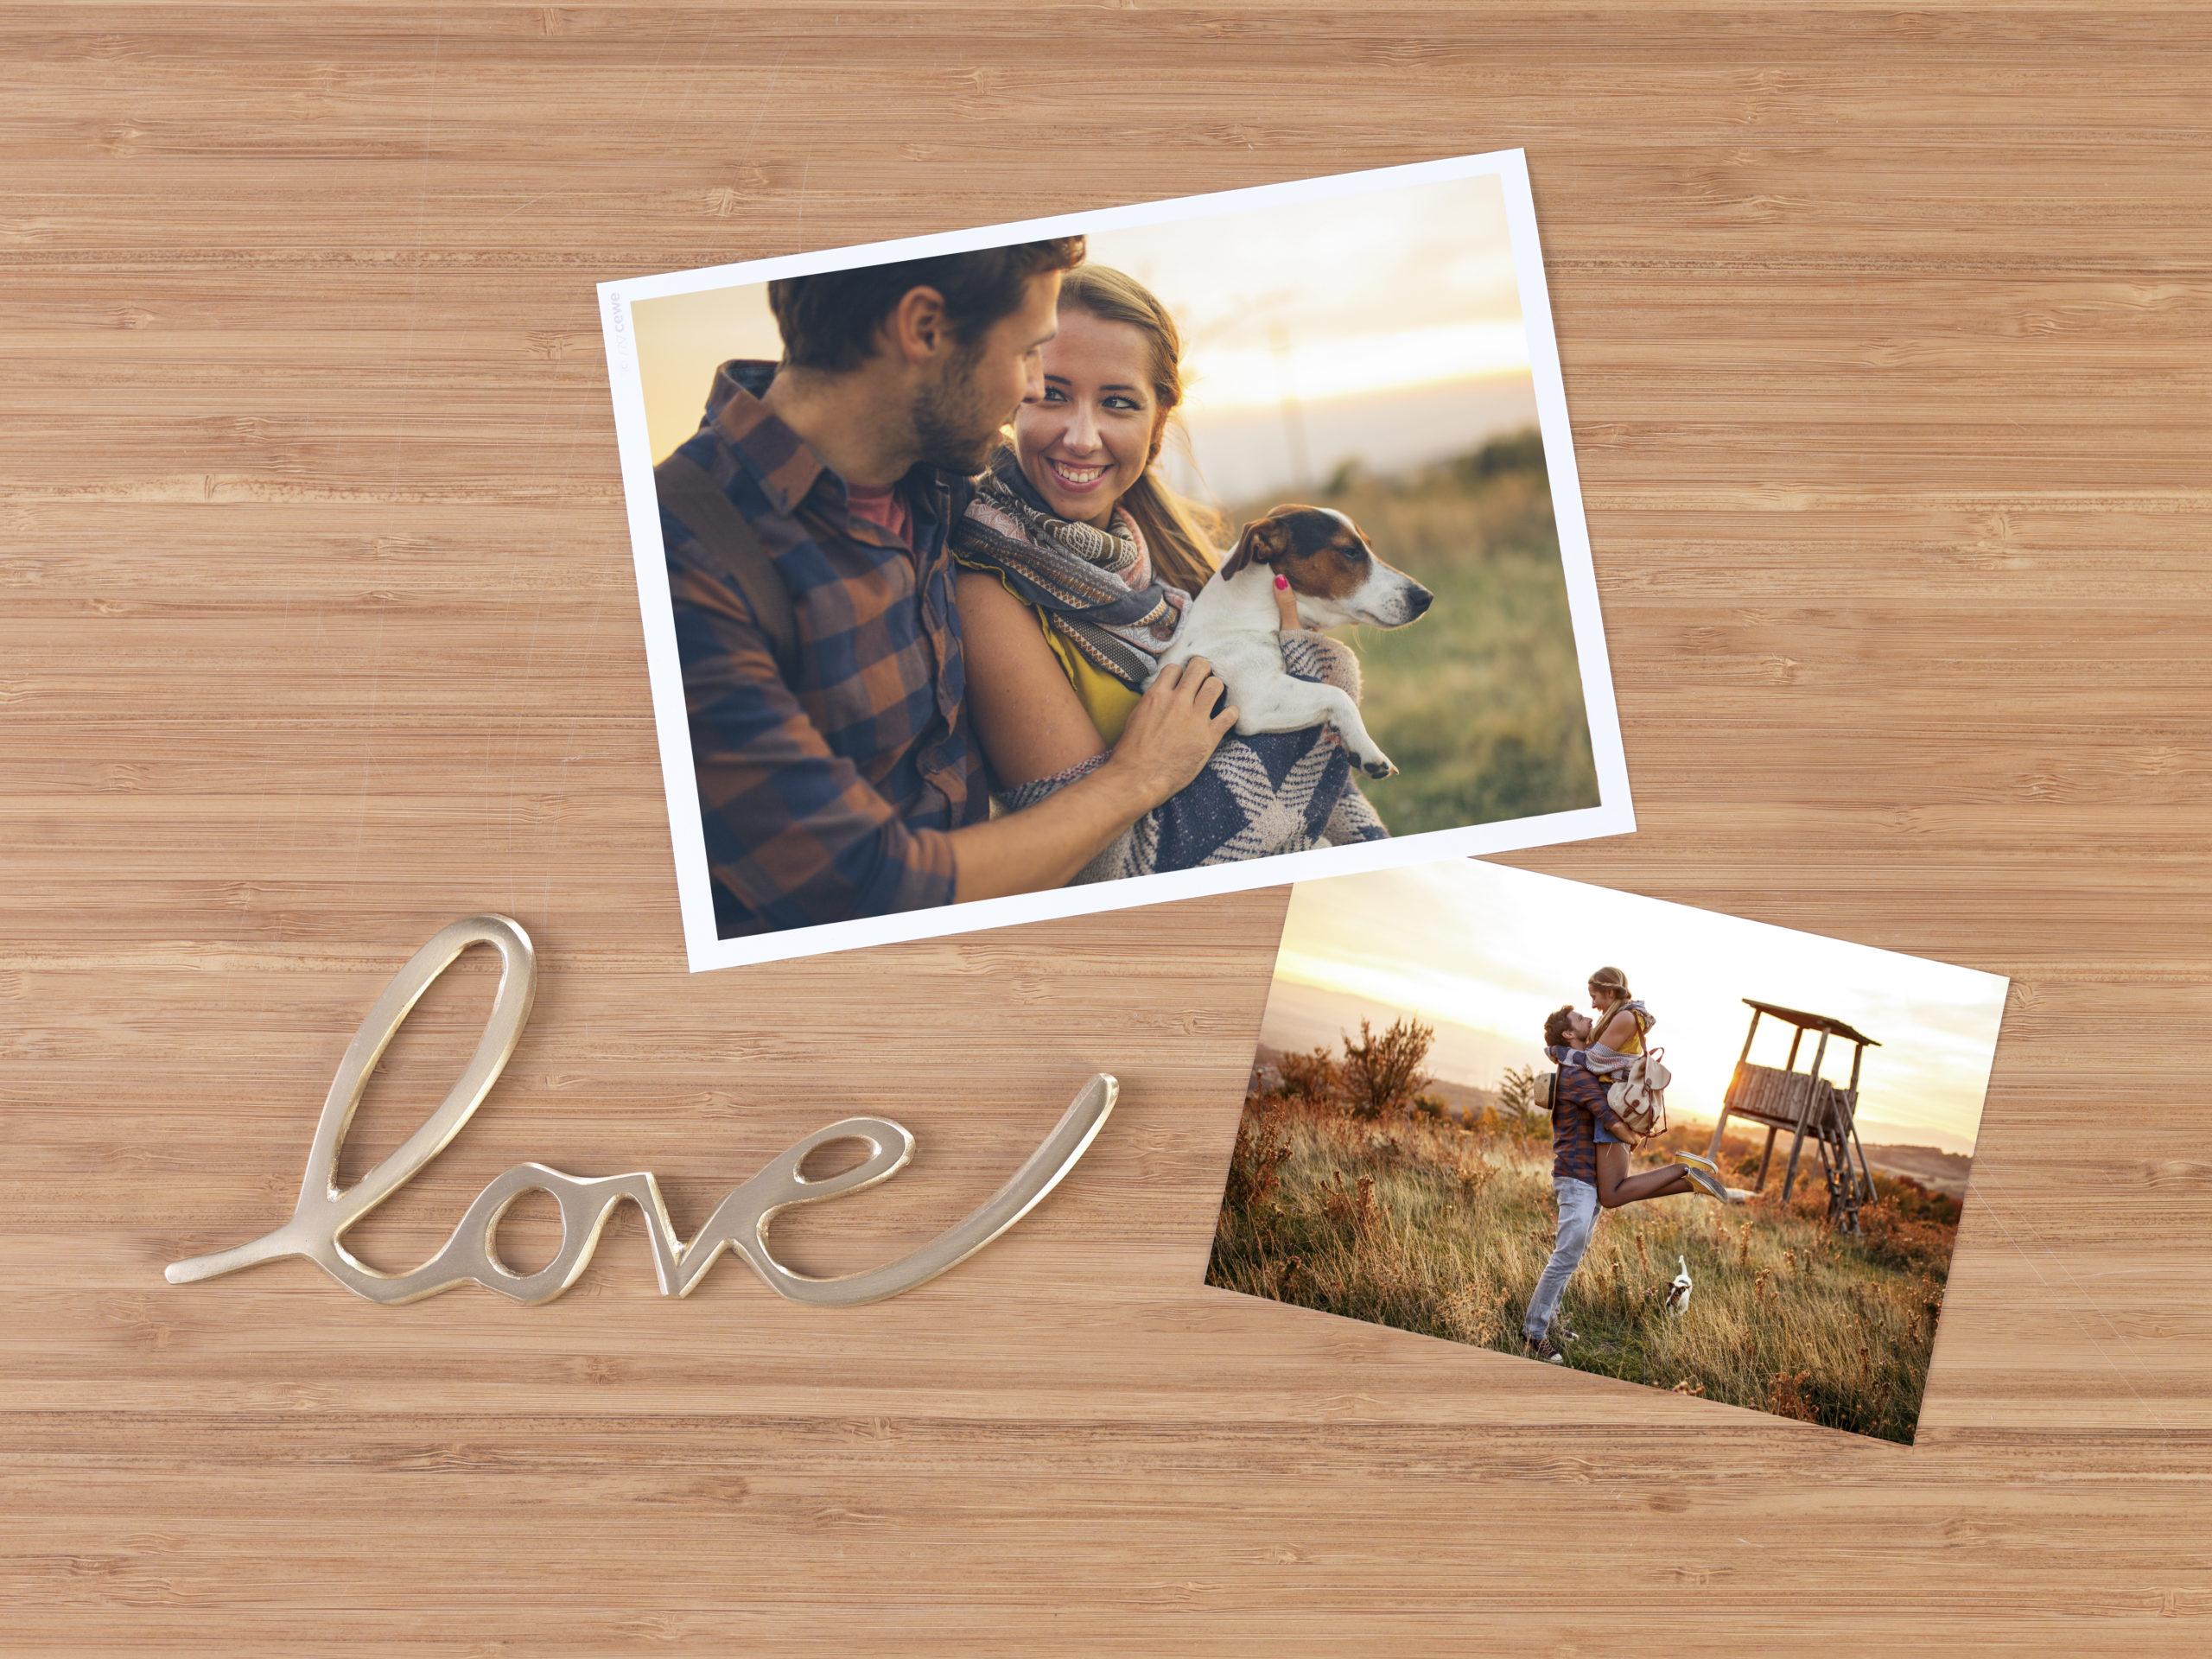 valentýn, láska, pár, foto ihned, přání ihned